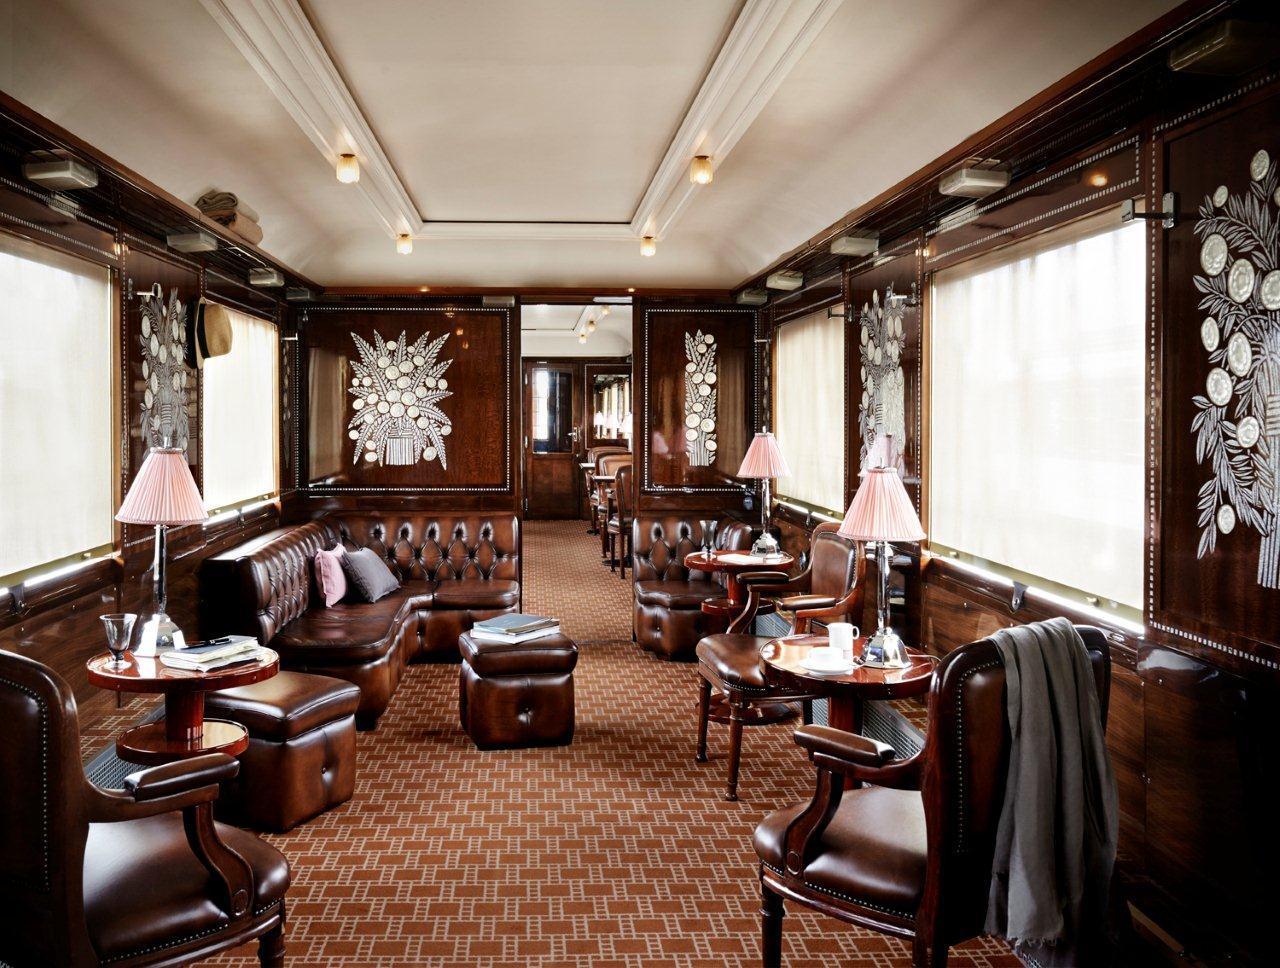 Orient Express - Train Journeys | Utter Bewakoof